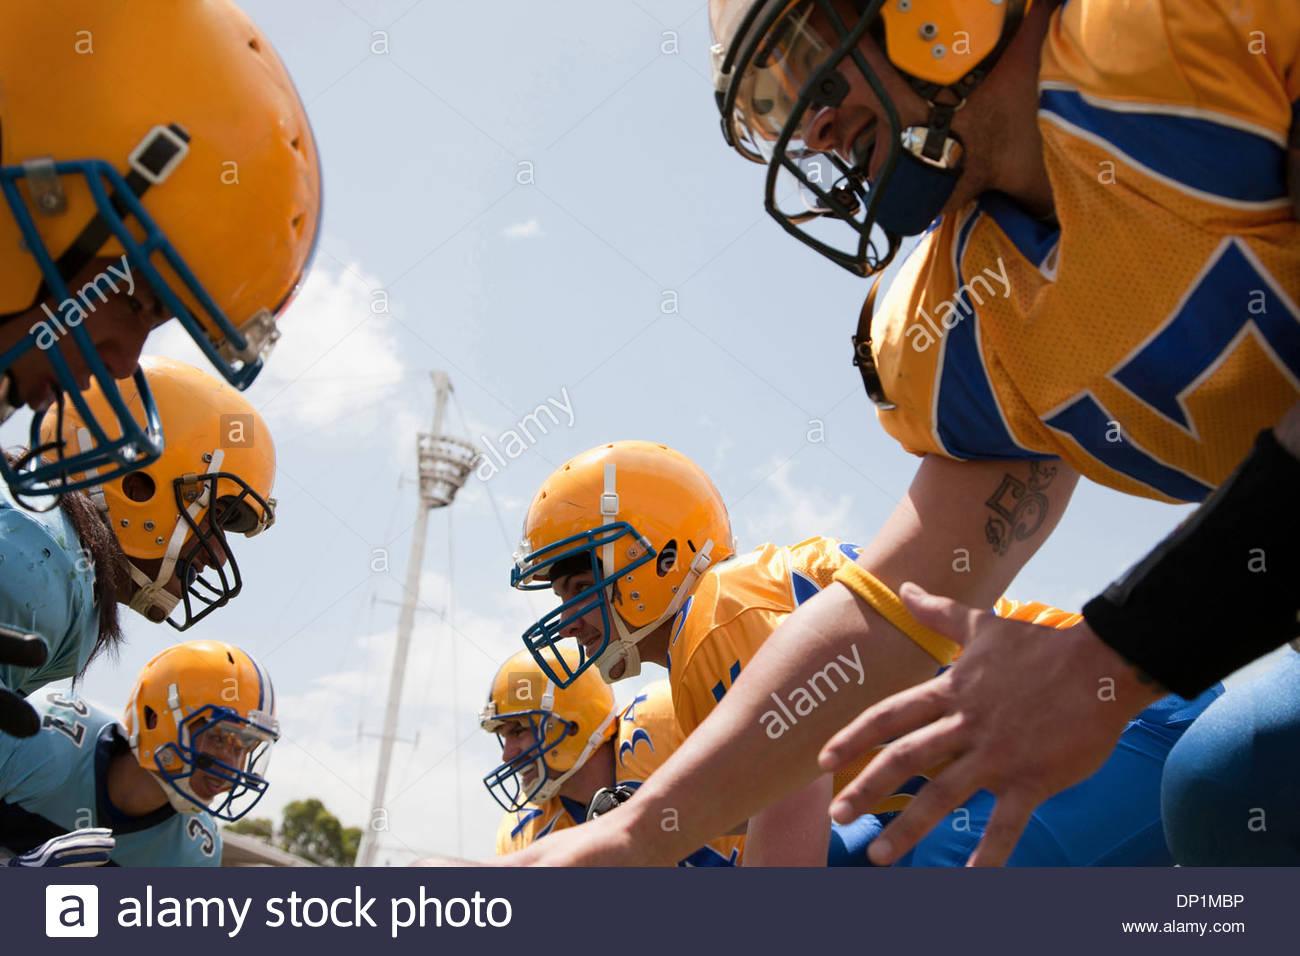 La preparación de los jugadores de fútbol para jugar al fútbol Imagen De Stock